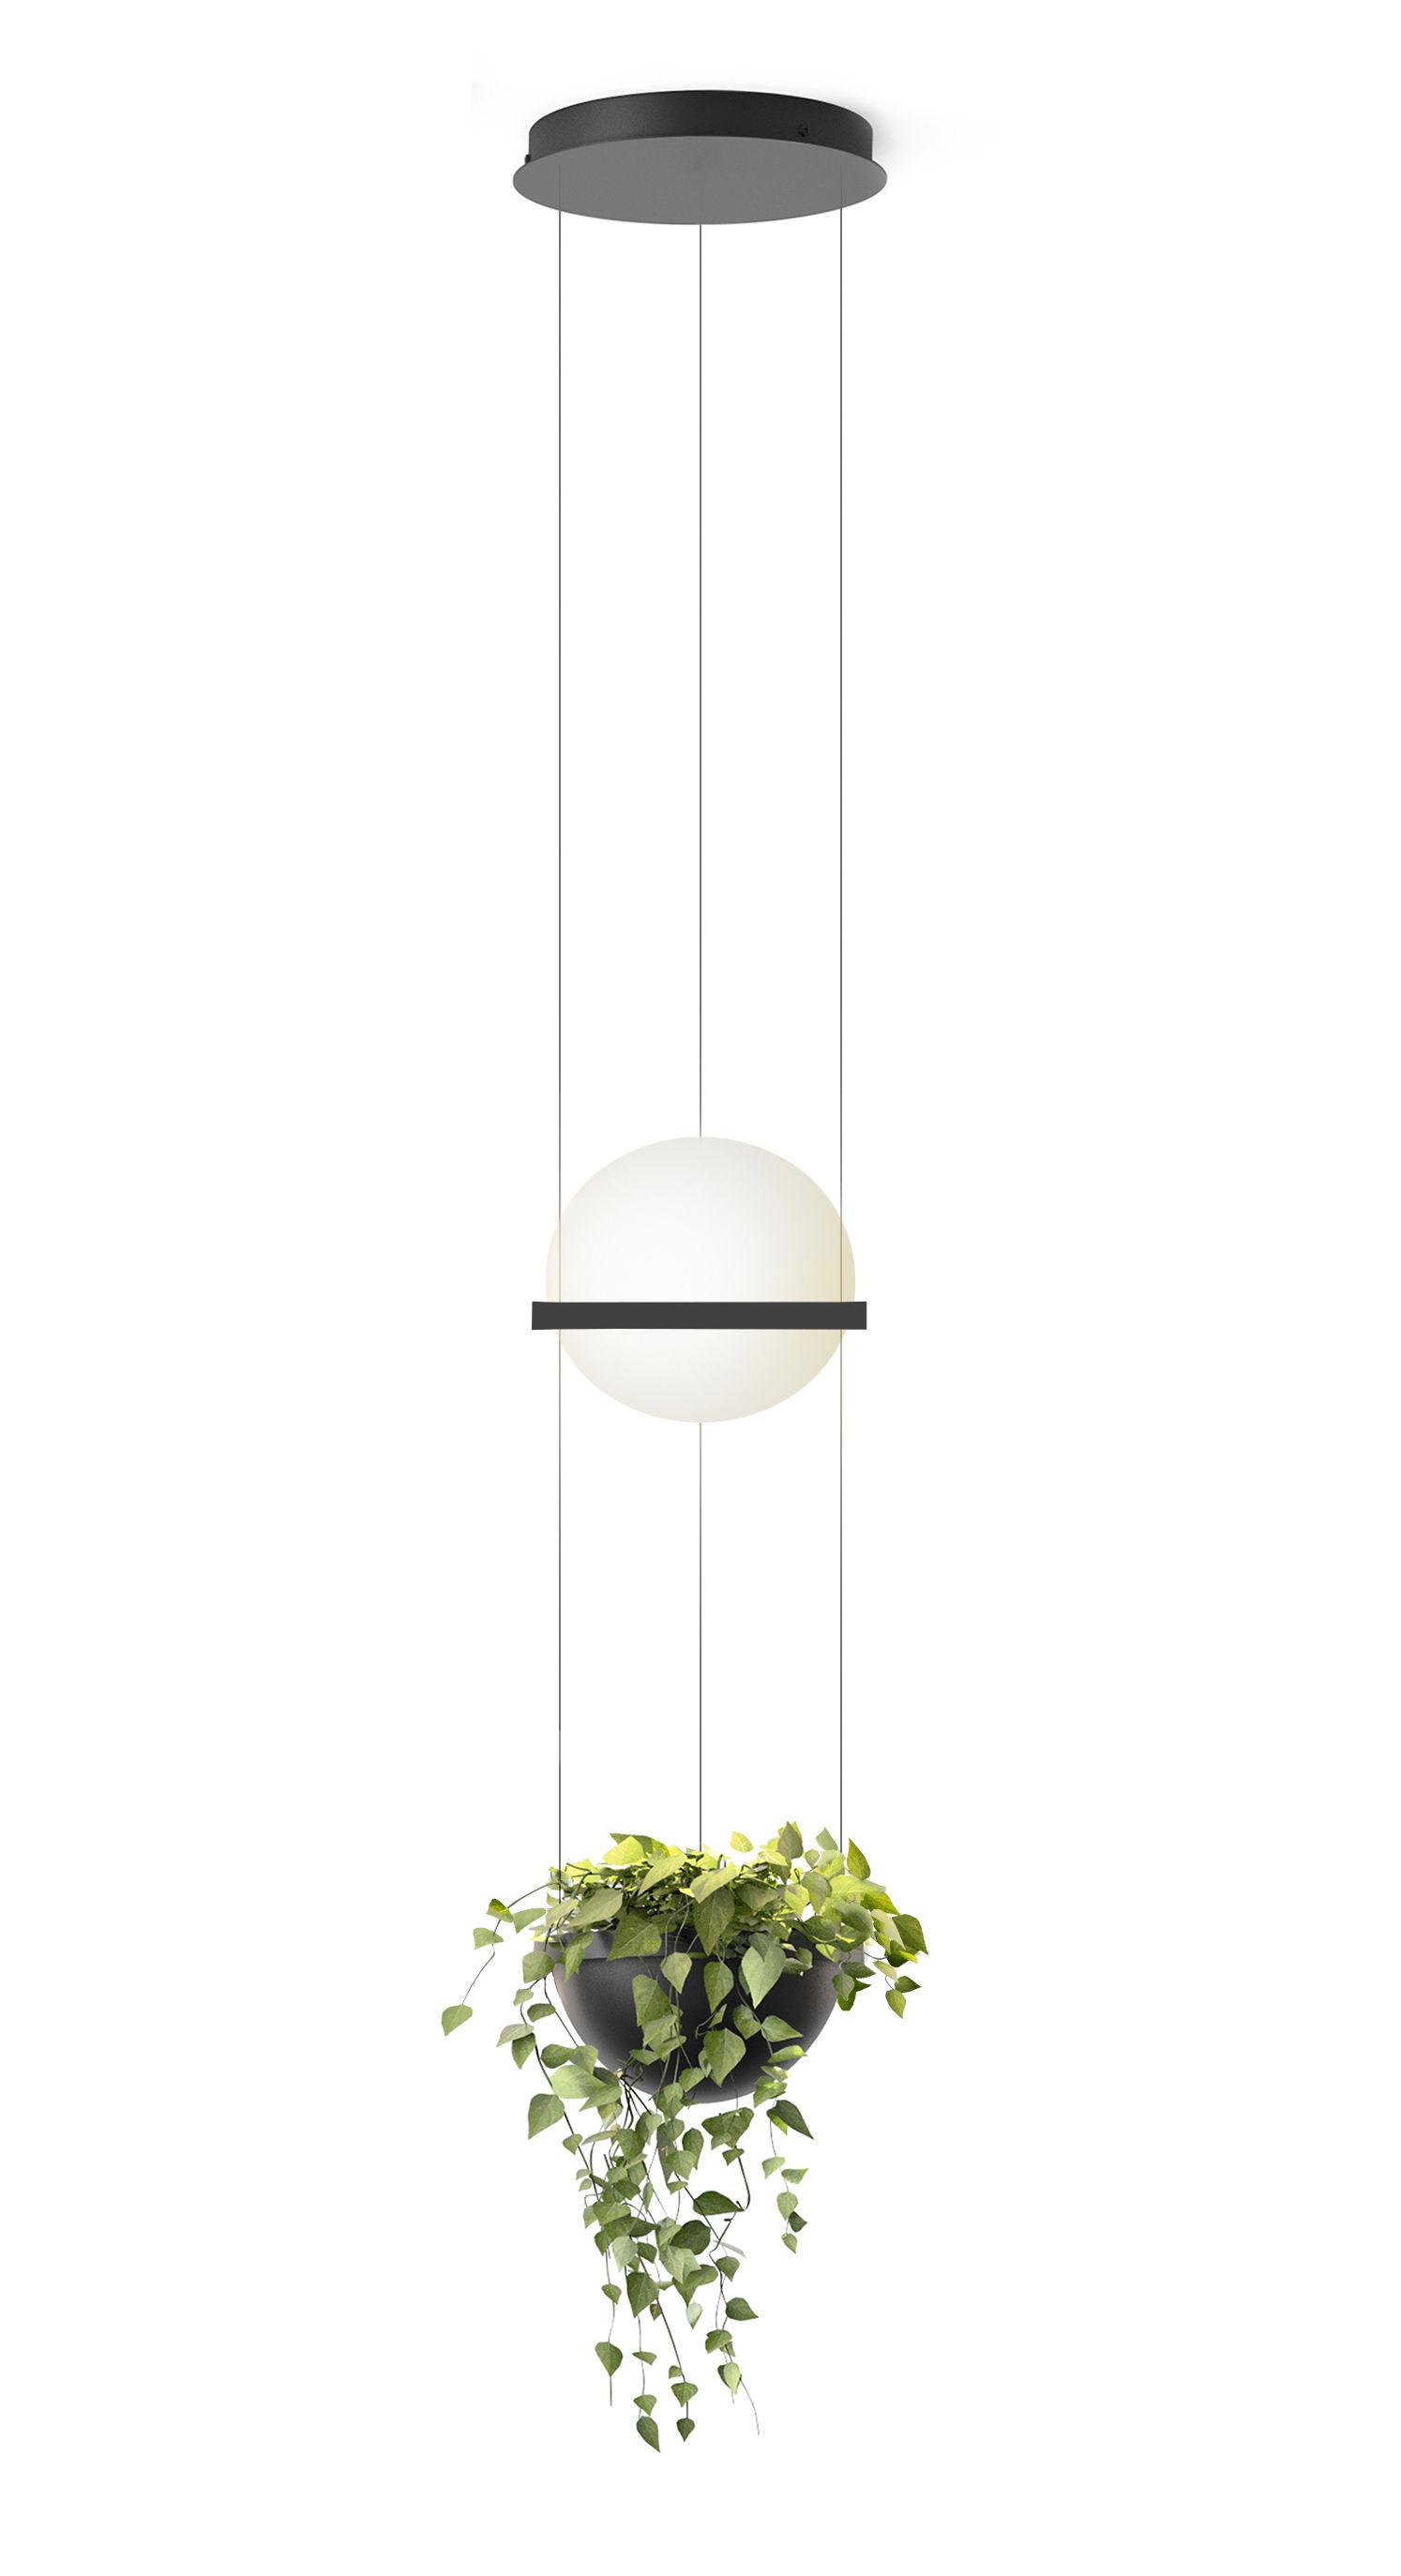 Illuminazione - Lampade da parete - Sospensione Palma - / Verticale & fioriera di Vibia - Laccato grafite opaco - Alluminio, PMMA, Verre soufflé opalin